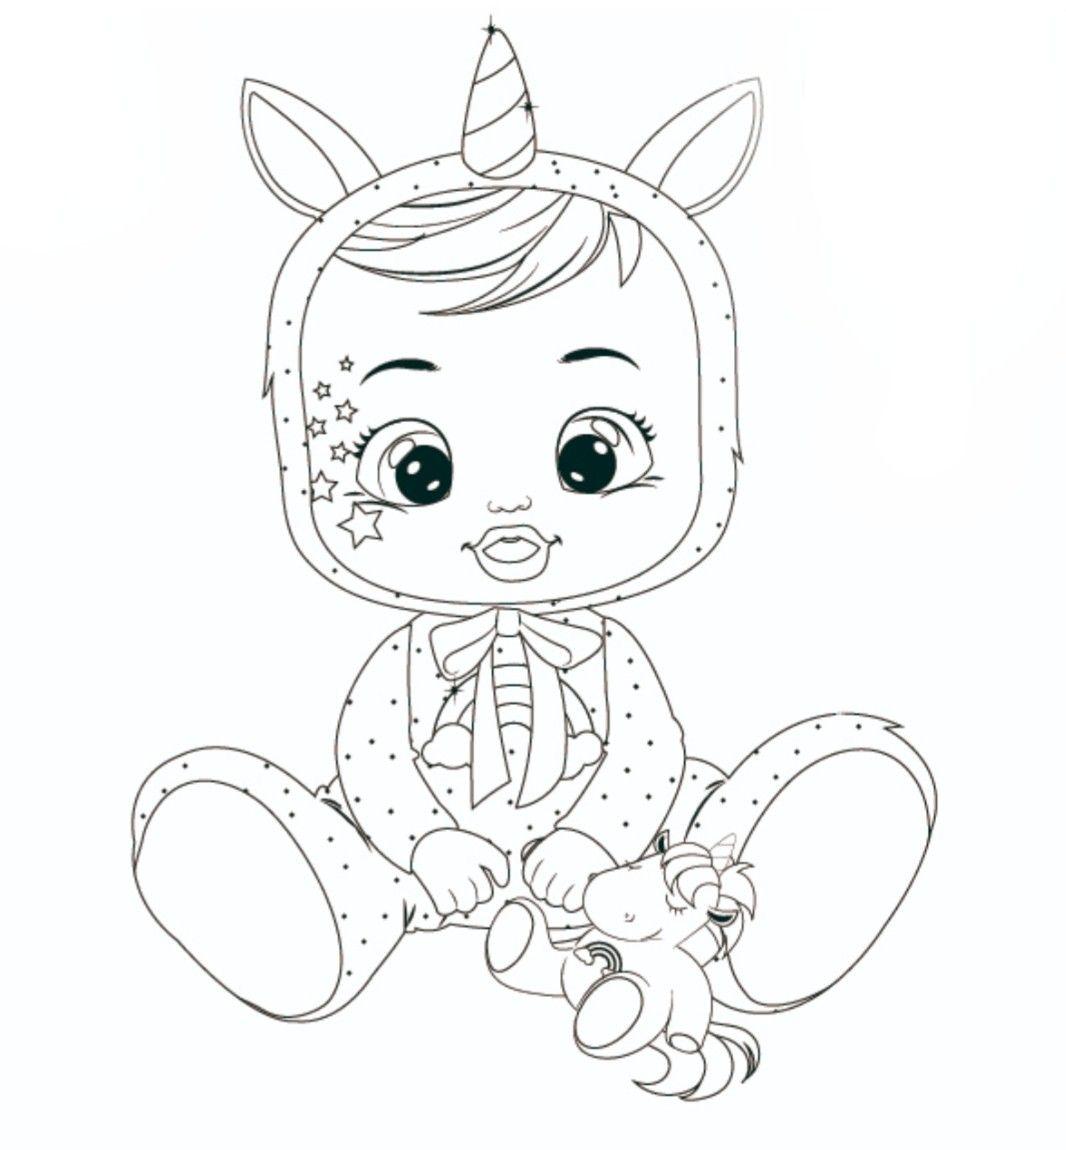 Pin De Patricia Viviana Montiel Norie Em Dibujos Em 2020 Riscos Para Pintura Toalha De Bebe Pintura Em Fraldas